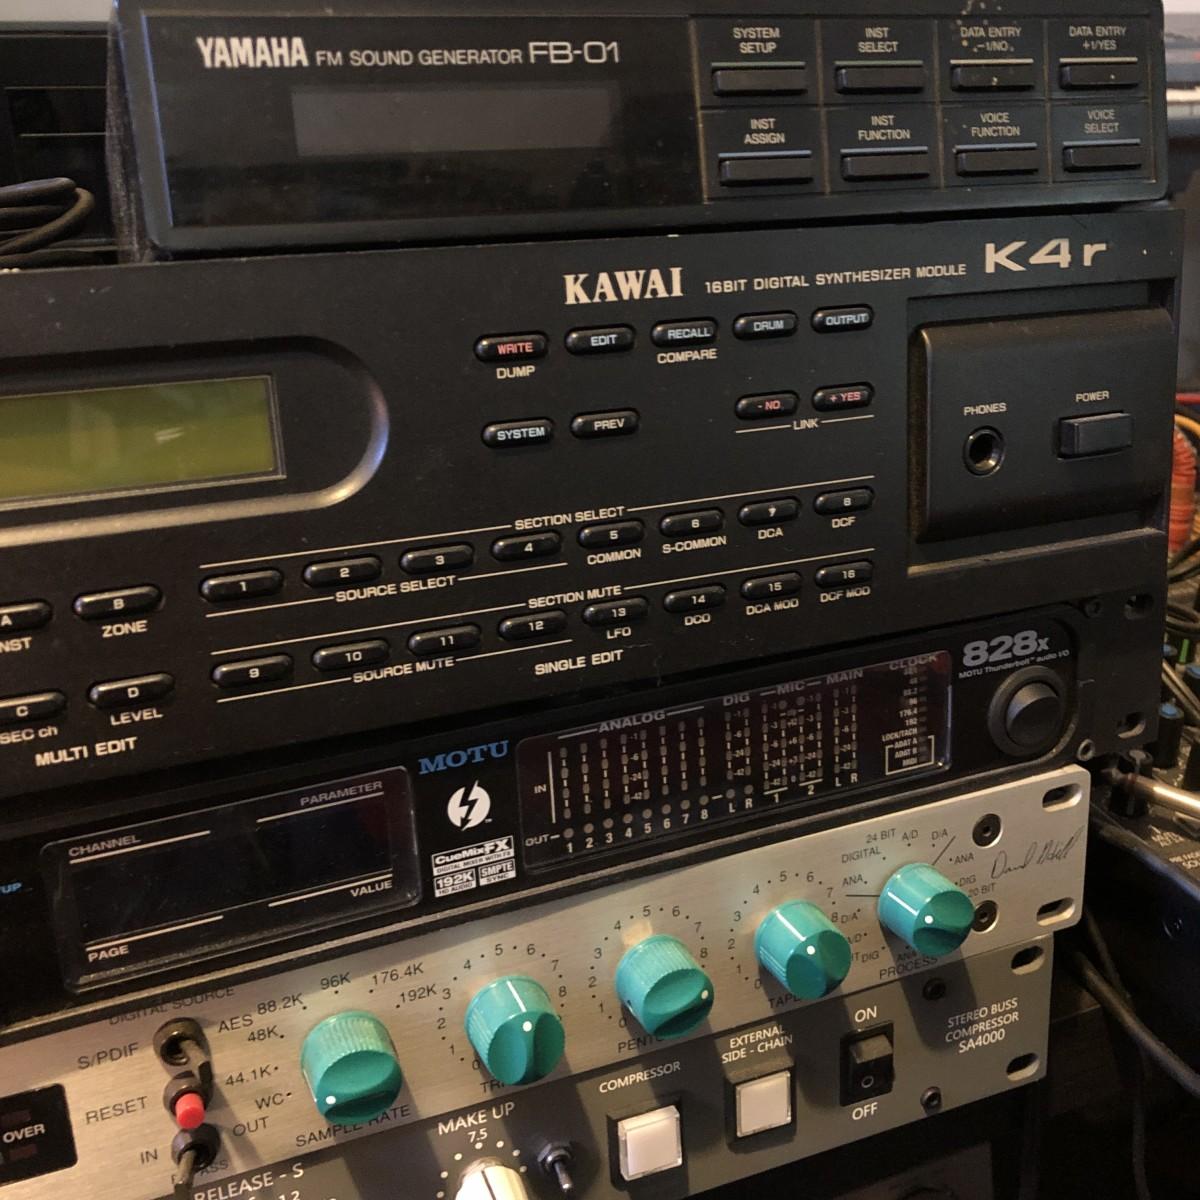 Yamaha FB-01 Kawai KR4